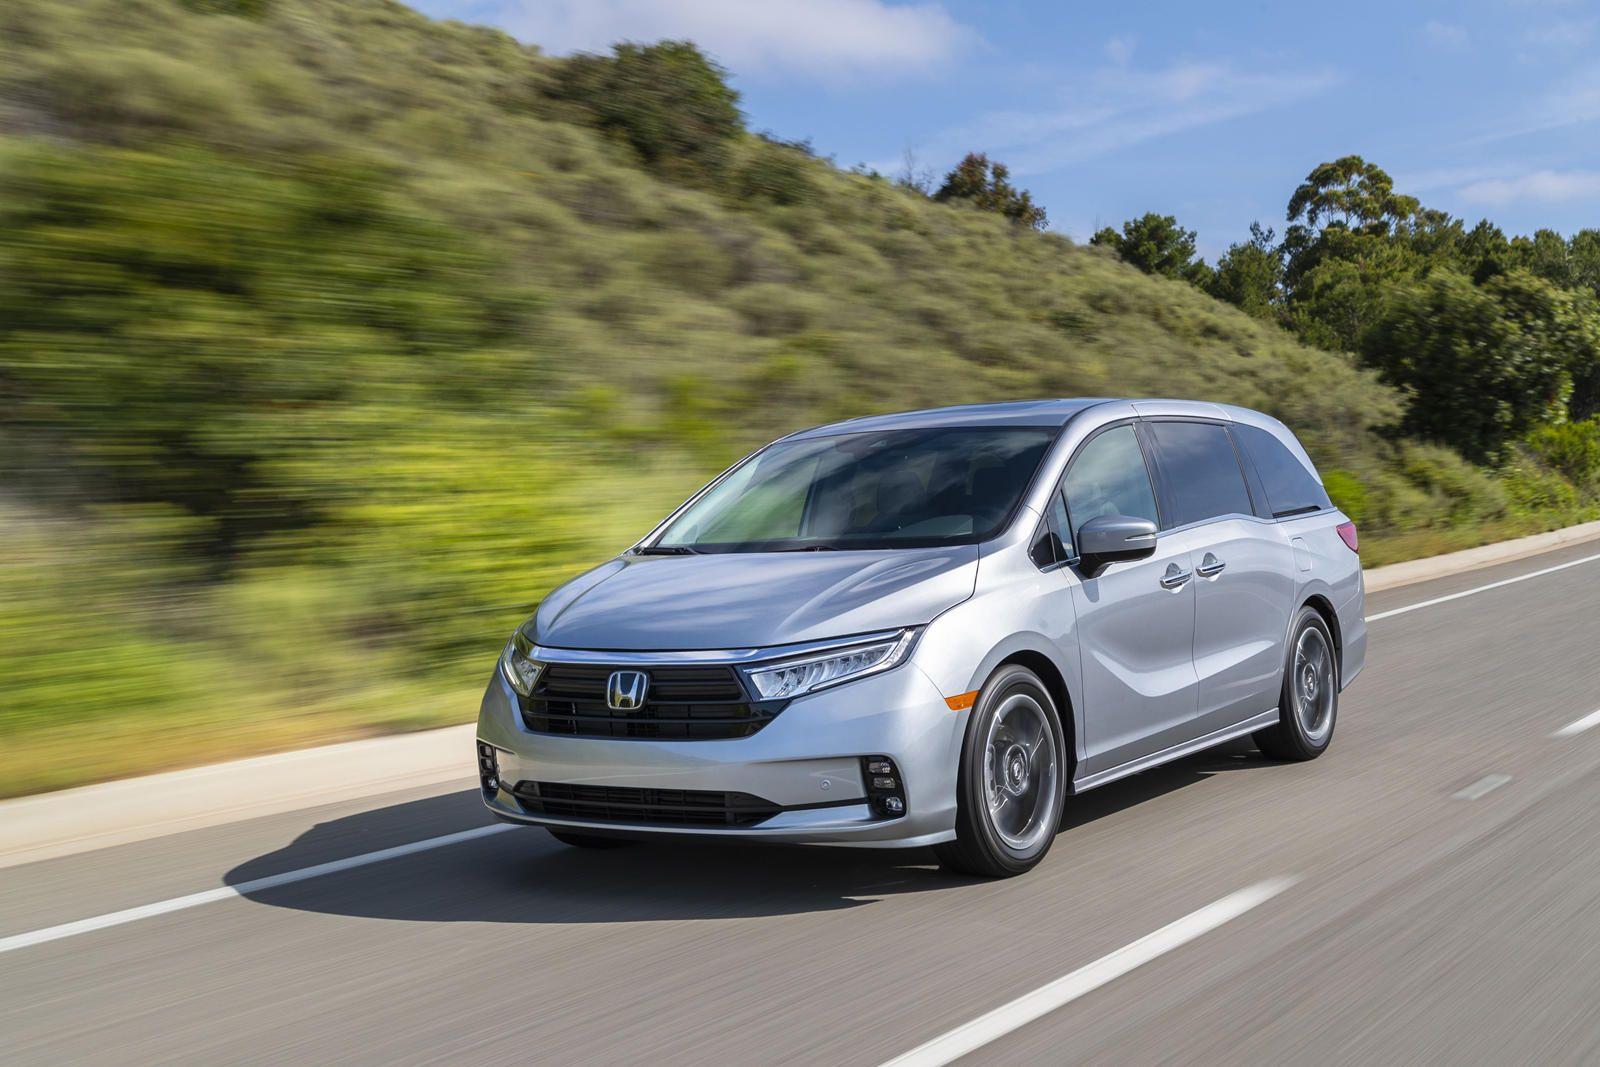 2021 Honda Odyssey First Look Review Minivans Still Matter A Series Of Midlife Updates Make A Great Minivan Even Better In 2020 Honda Odyssey Honda Honda Minivan